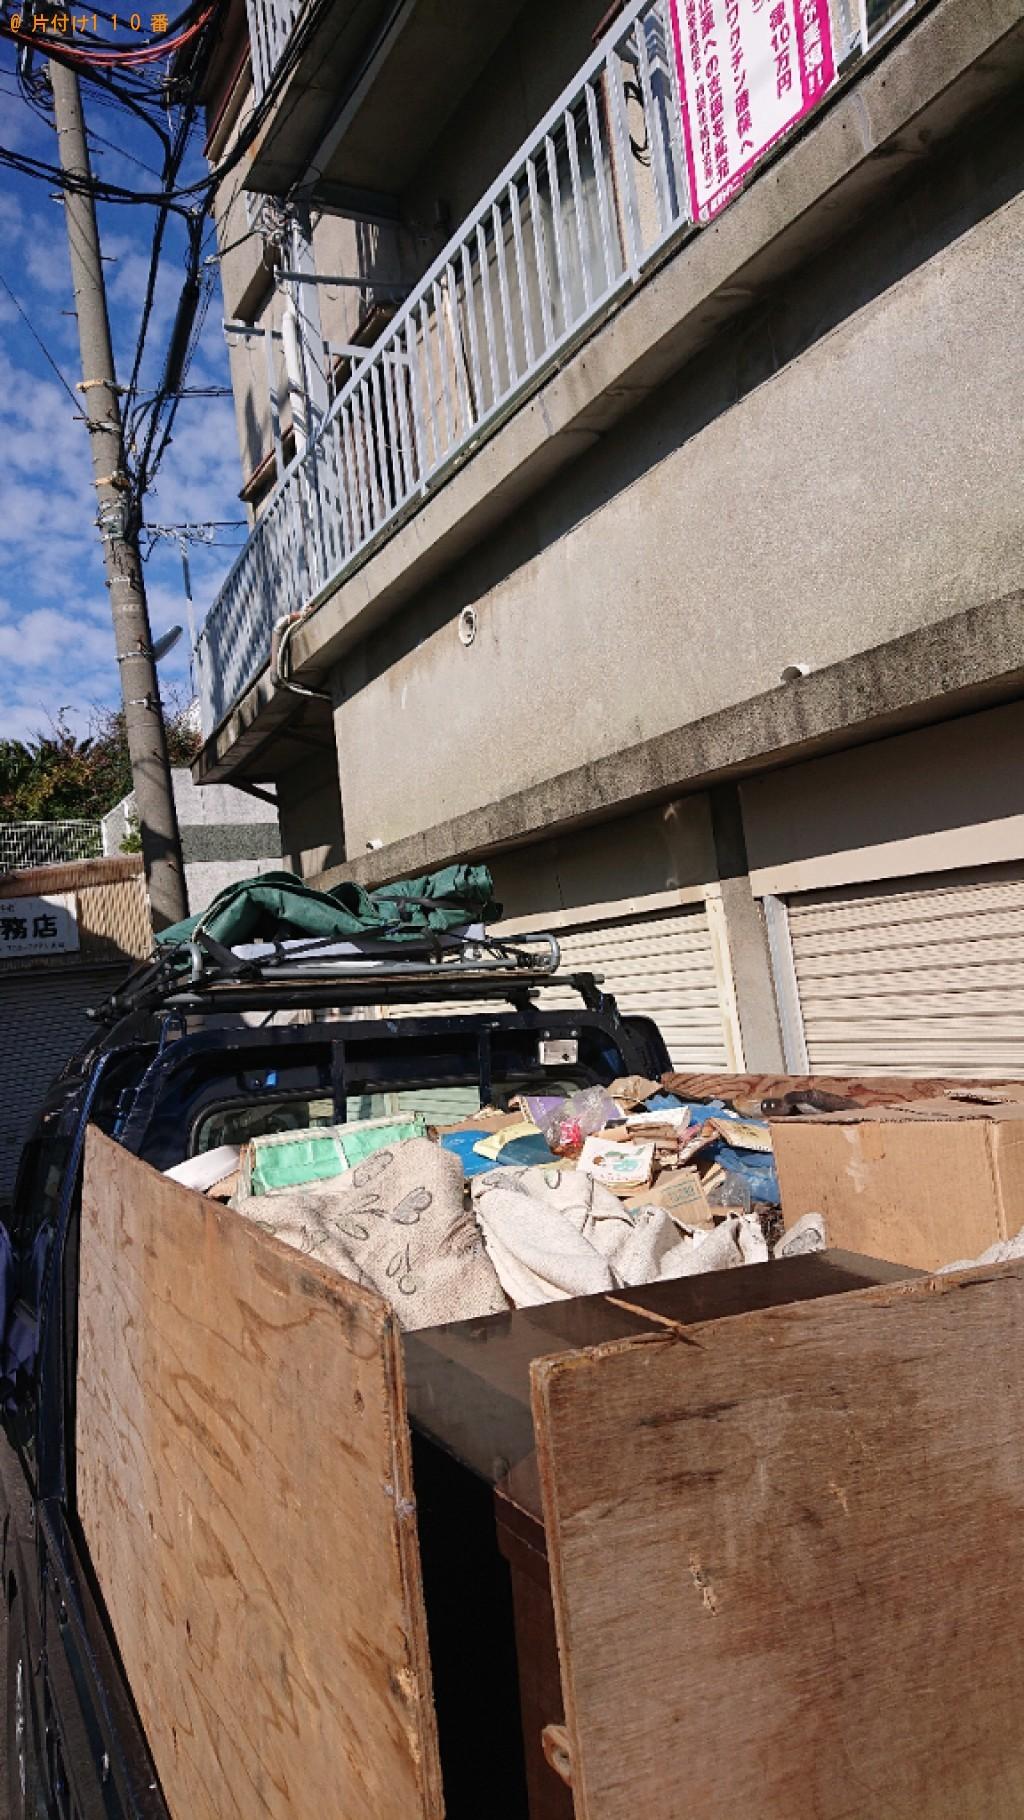 【上田市】植木鉢、ダンボール等の回収とハウスクリーニングご依頼